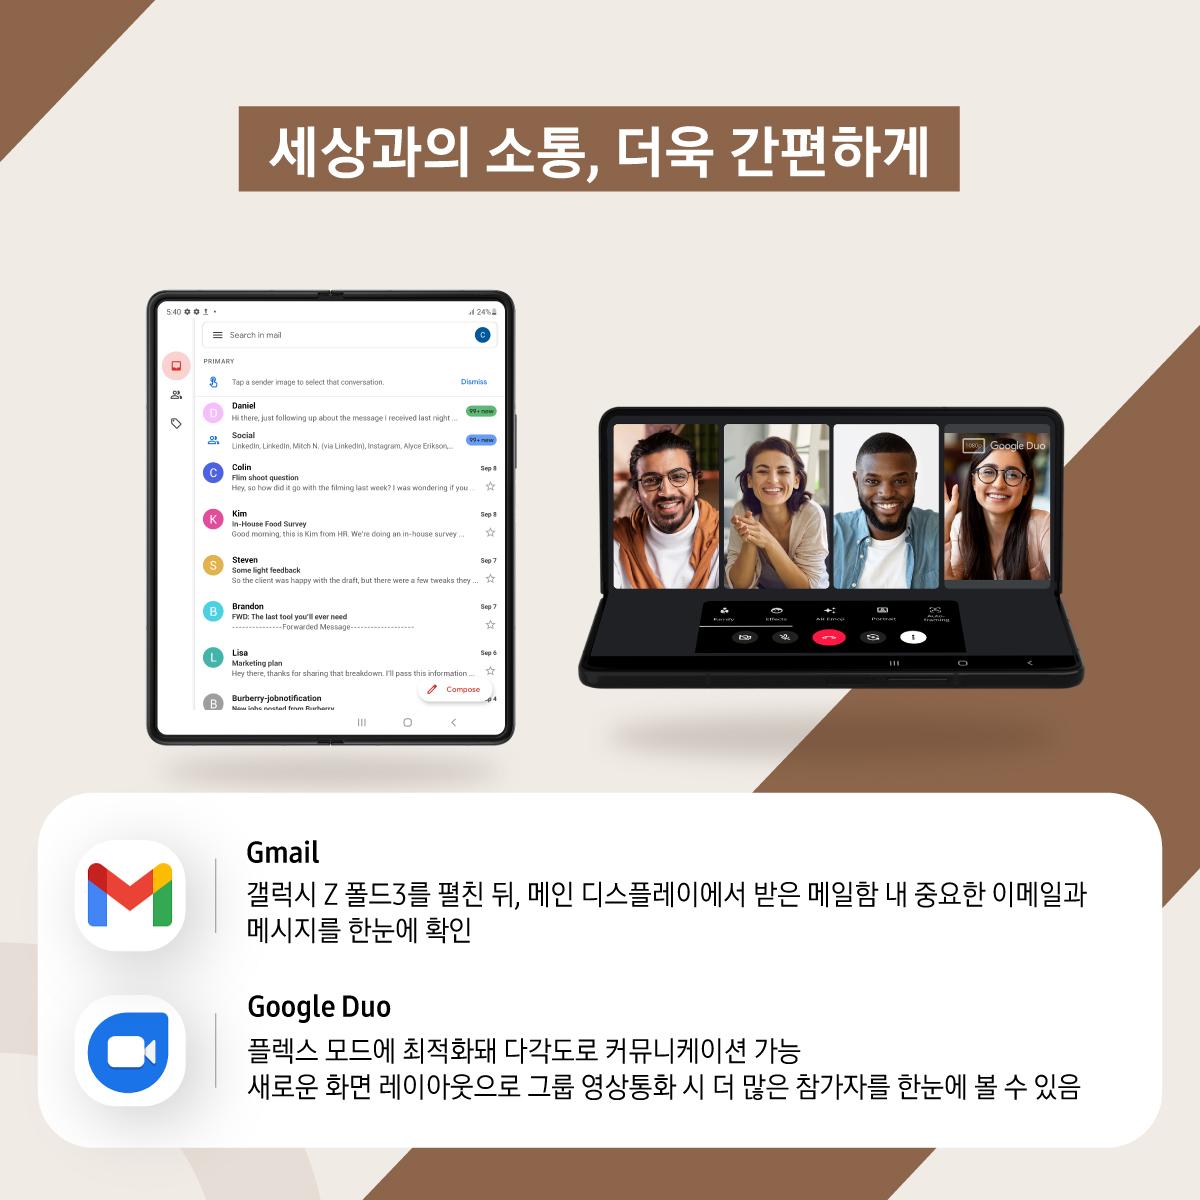 세상과의 소통, 더욱 간편하게 지메일 갤럭시 Z 폴드3를 펼친 뒤, 메인 디스플레이에서 받은 메일함 내 중요한 이메일과 메시지를 한눈에 확인 구글 듀오 : 플렉스 모드에 최적화돼 다각도로 커뮤니케이션 가능 새로운 화면 레이아웃으로 그룹 영상통화 시 더 많은 참가자를 한눈에 볼 수 있음